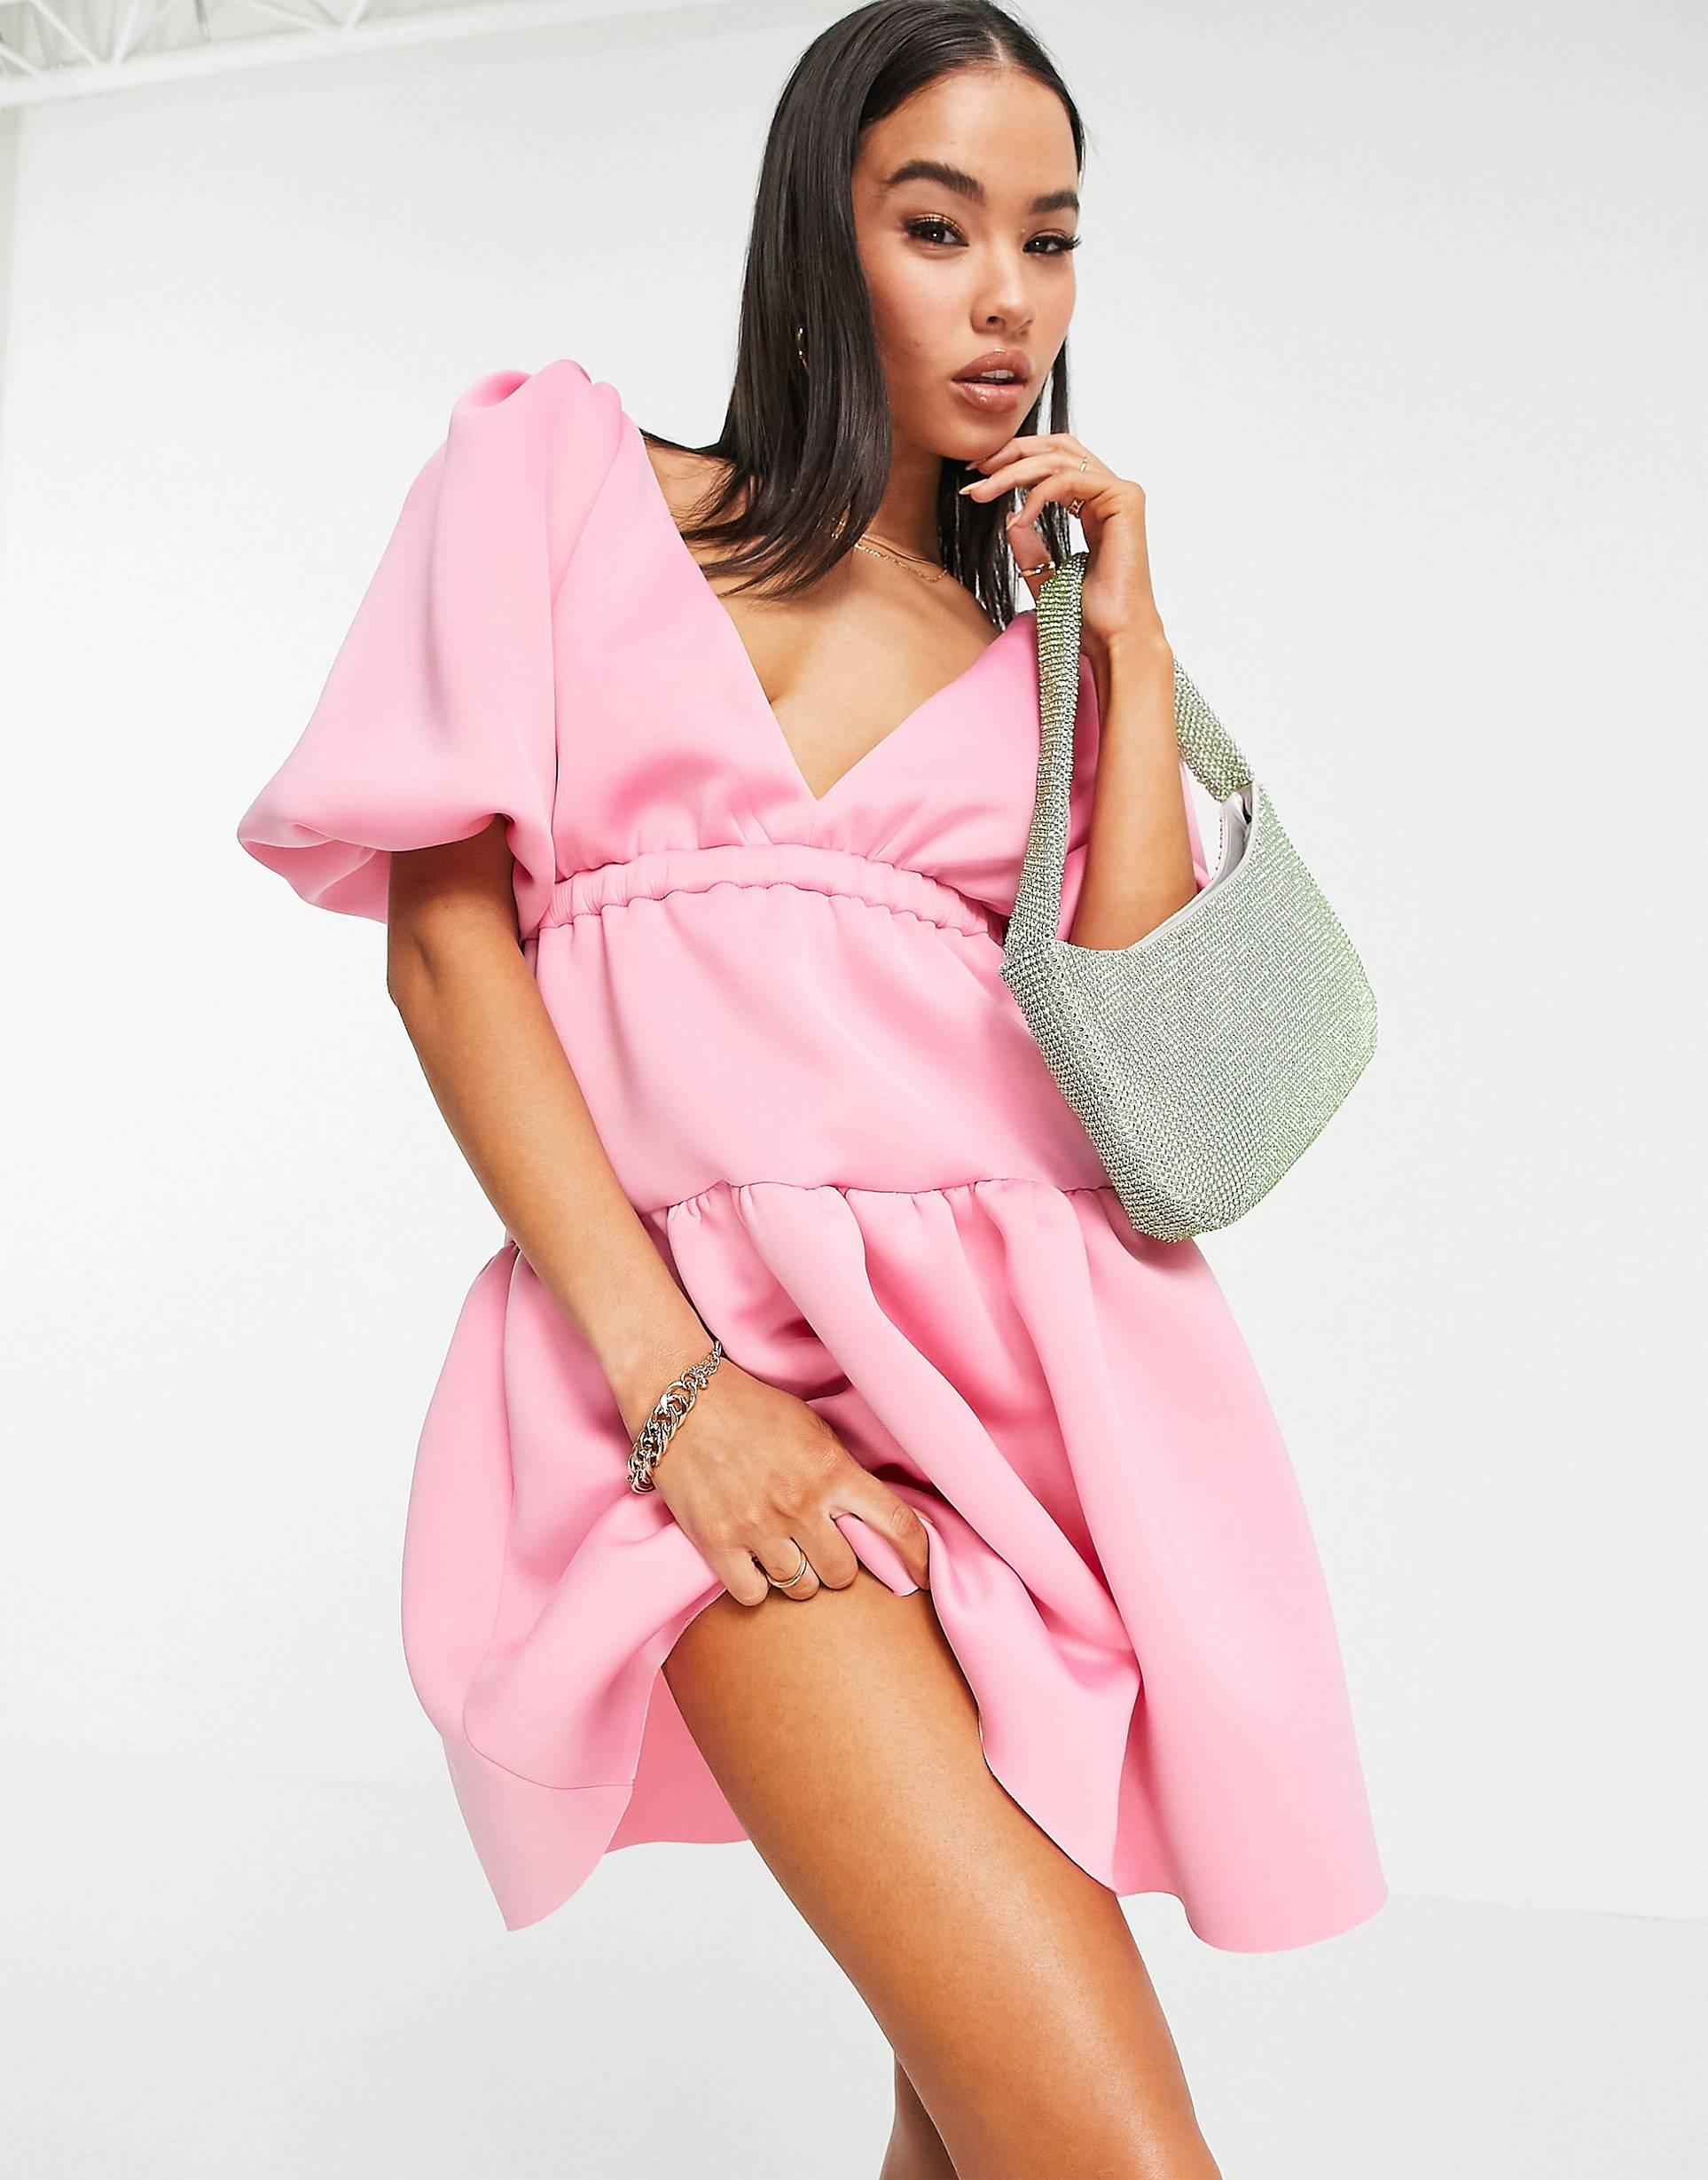 Vestido corto rosa chicle escotado de corte amplio elástico con mangas abullonadas.